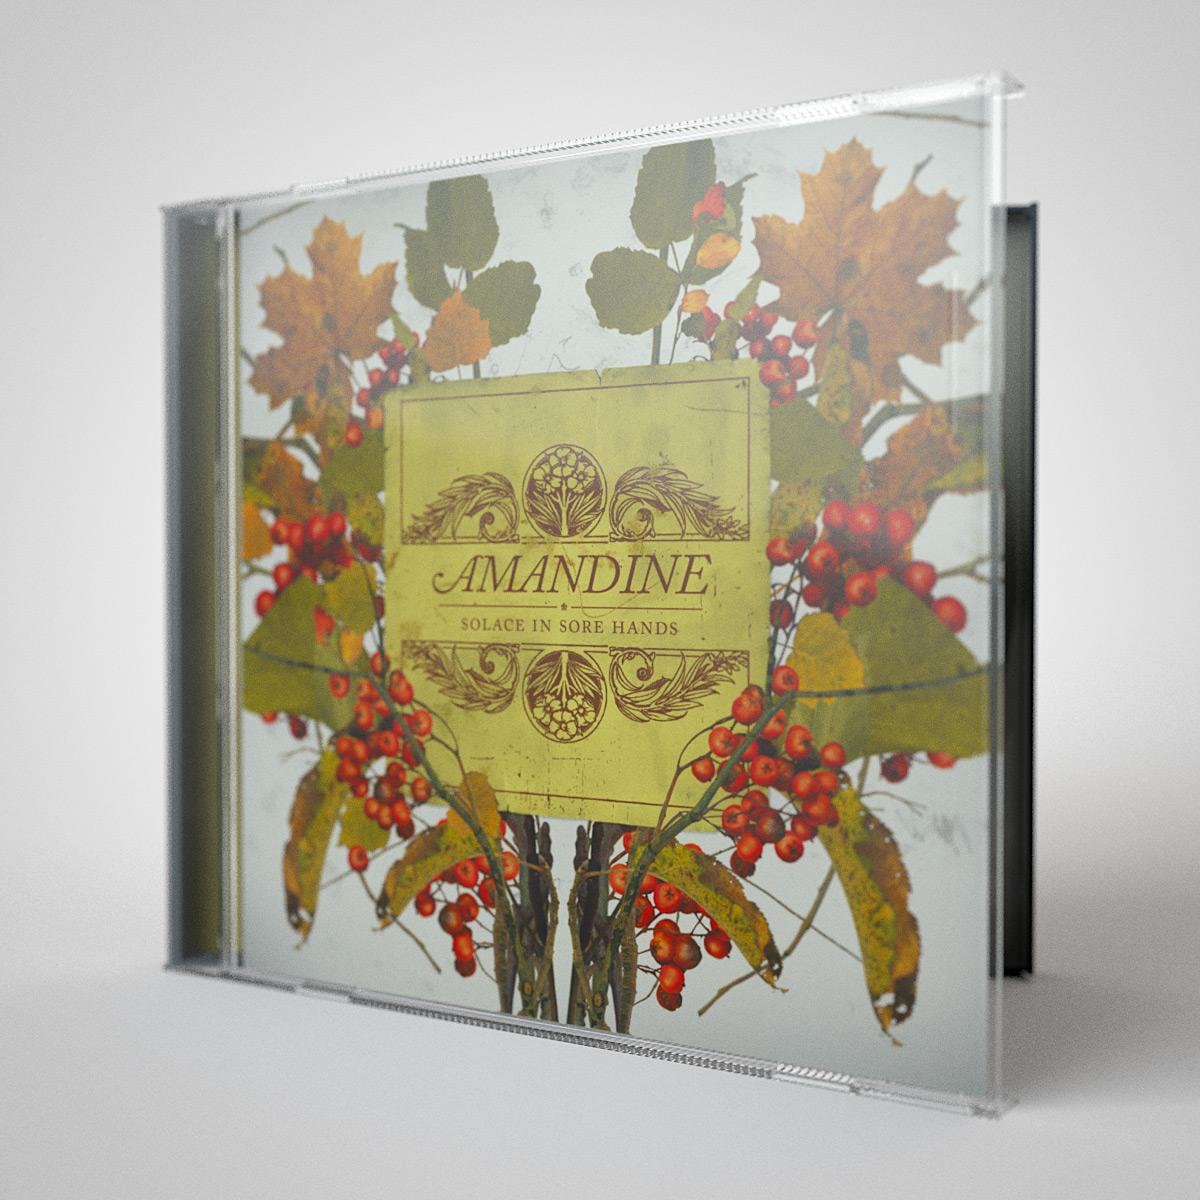 Amandine_CD-Case-02